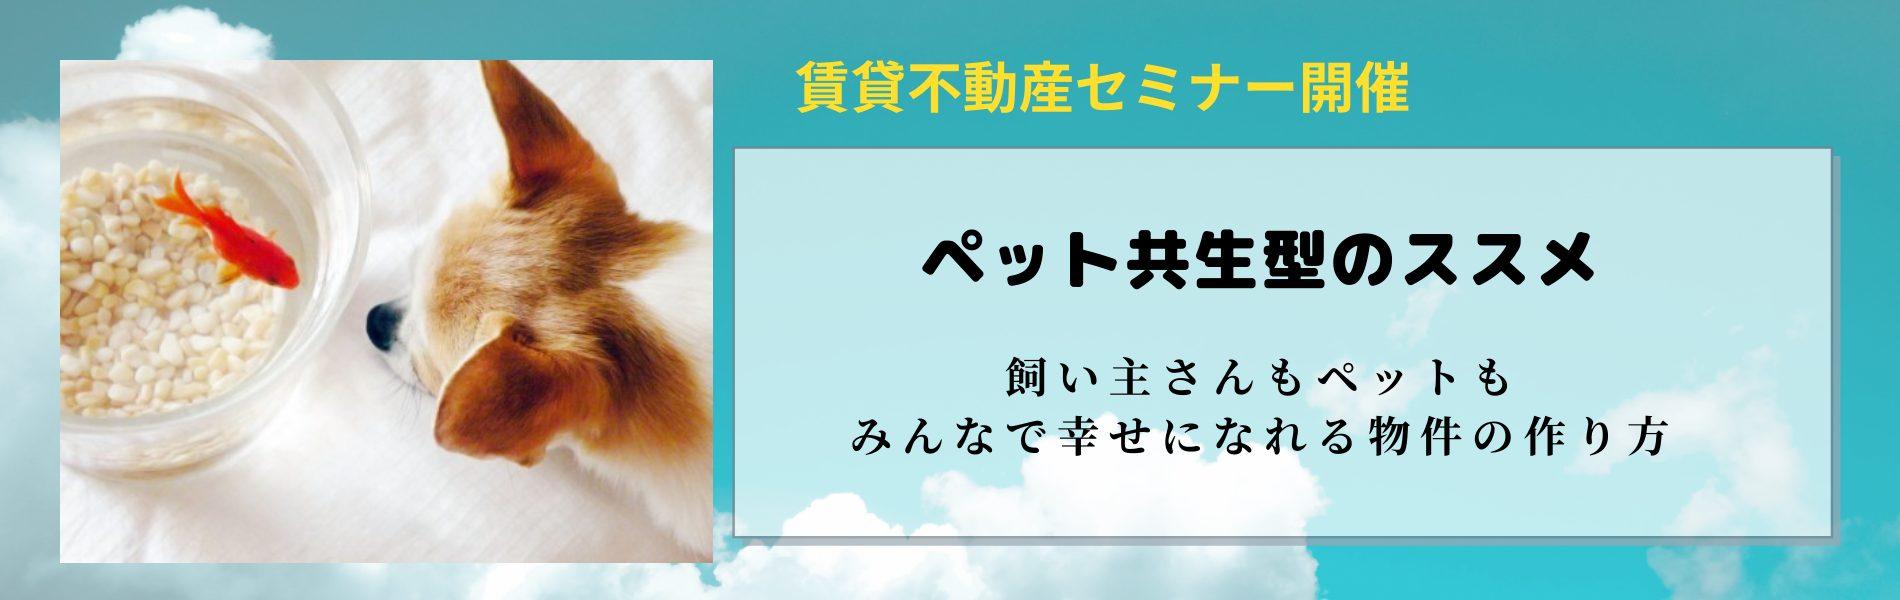 ペット共生型のススメ不動産セミナー